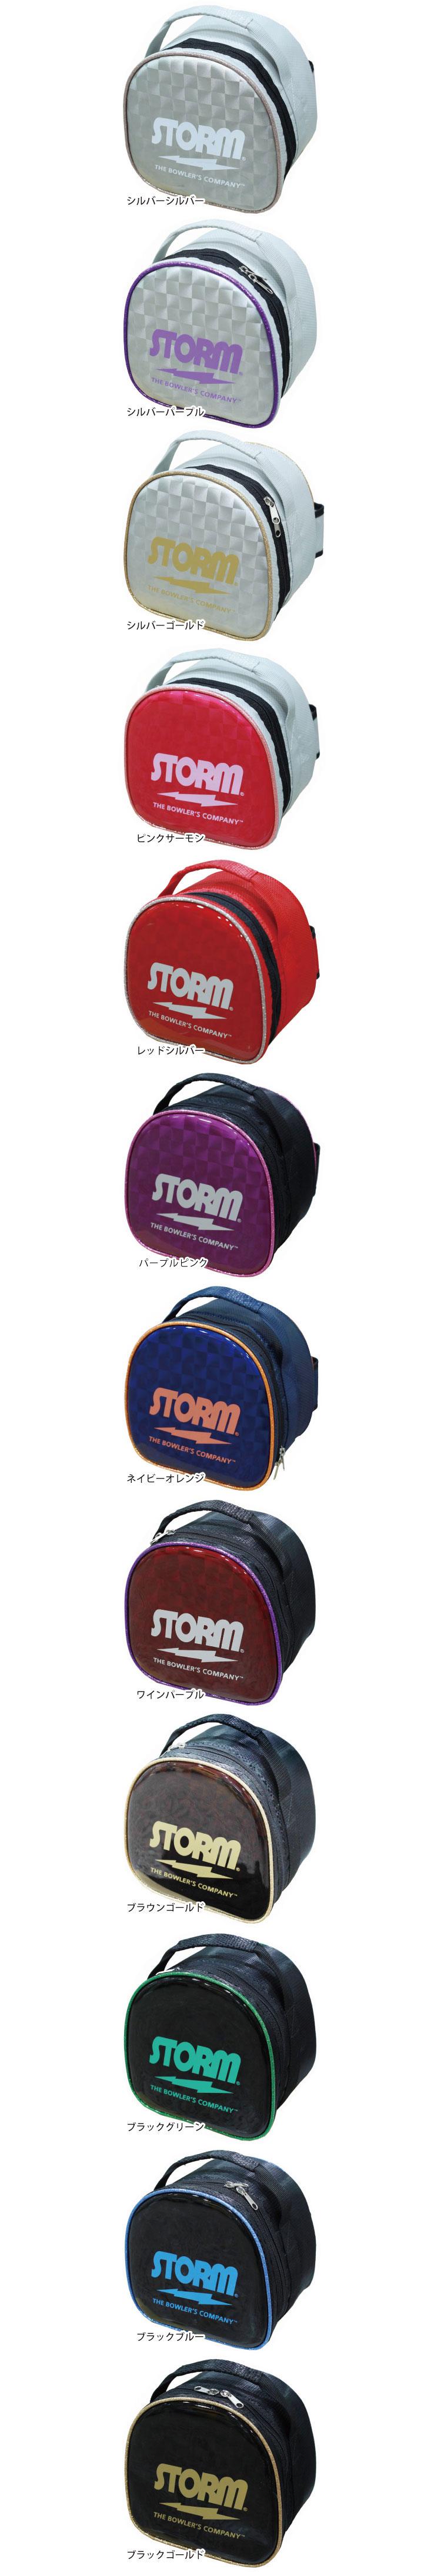 ボウリング用品 ボウリングバッグ ストーム STORM 1ボールケース SB20-CI